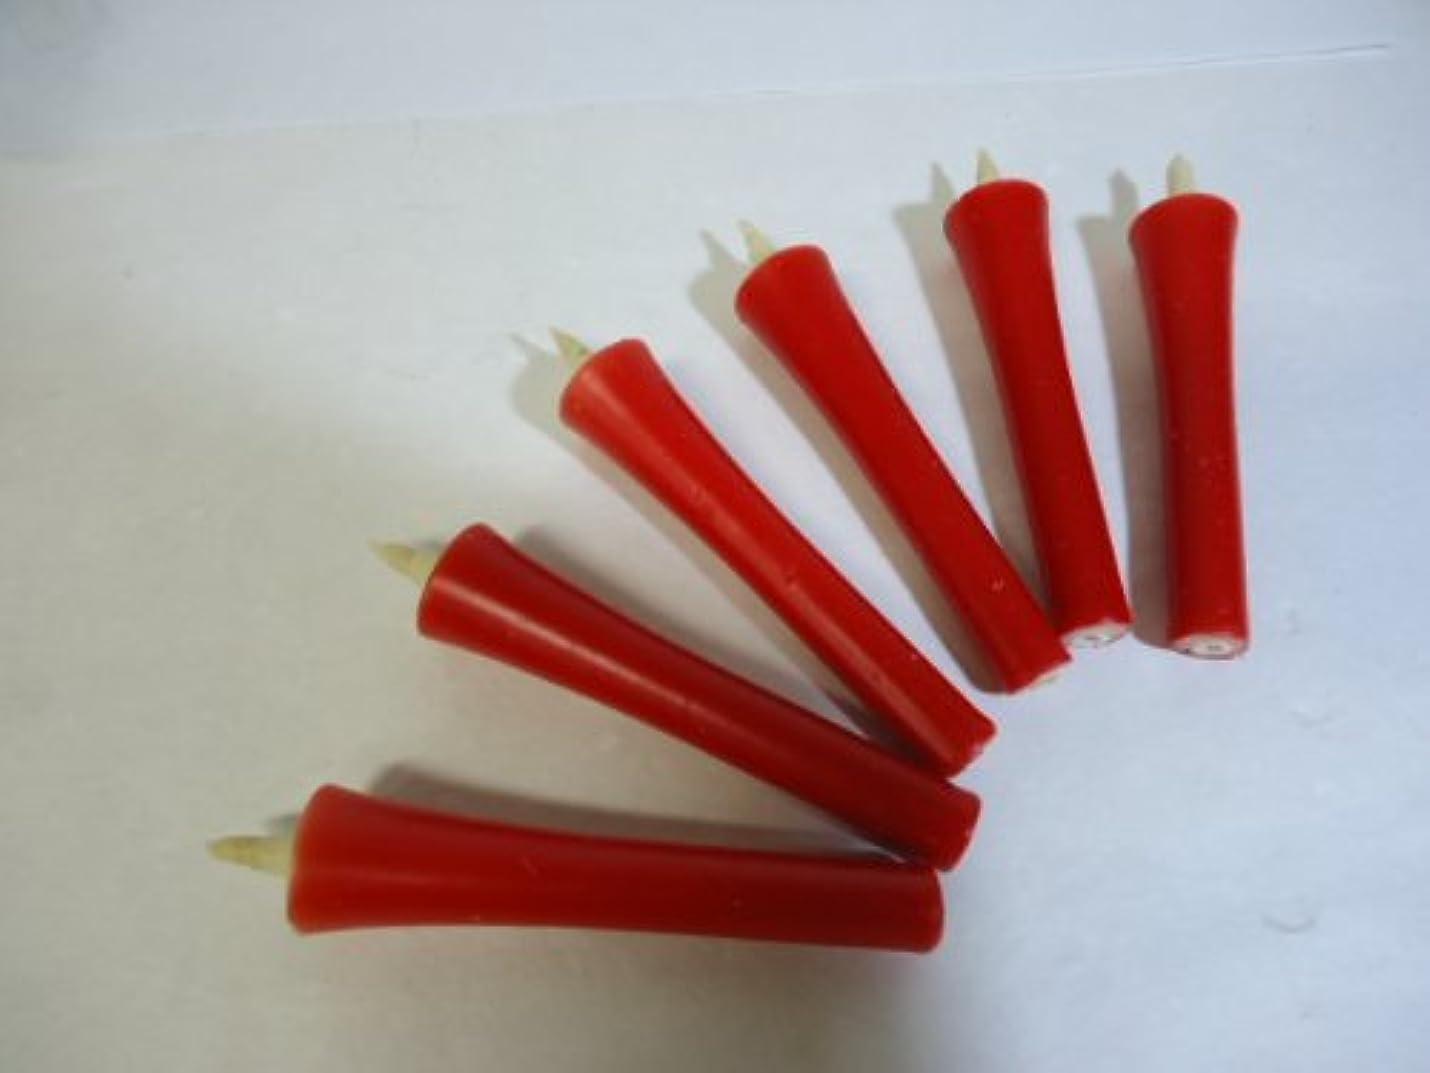 継続中火薬プレーヤー和ろうそく 型和蝋燭 ローソク 【朱】 2号 イカリタイプ 朱色 小箱 6本入り